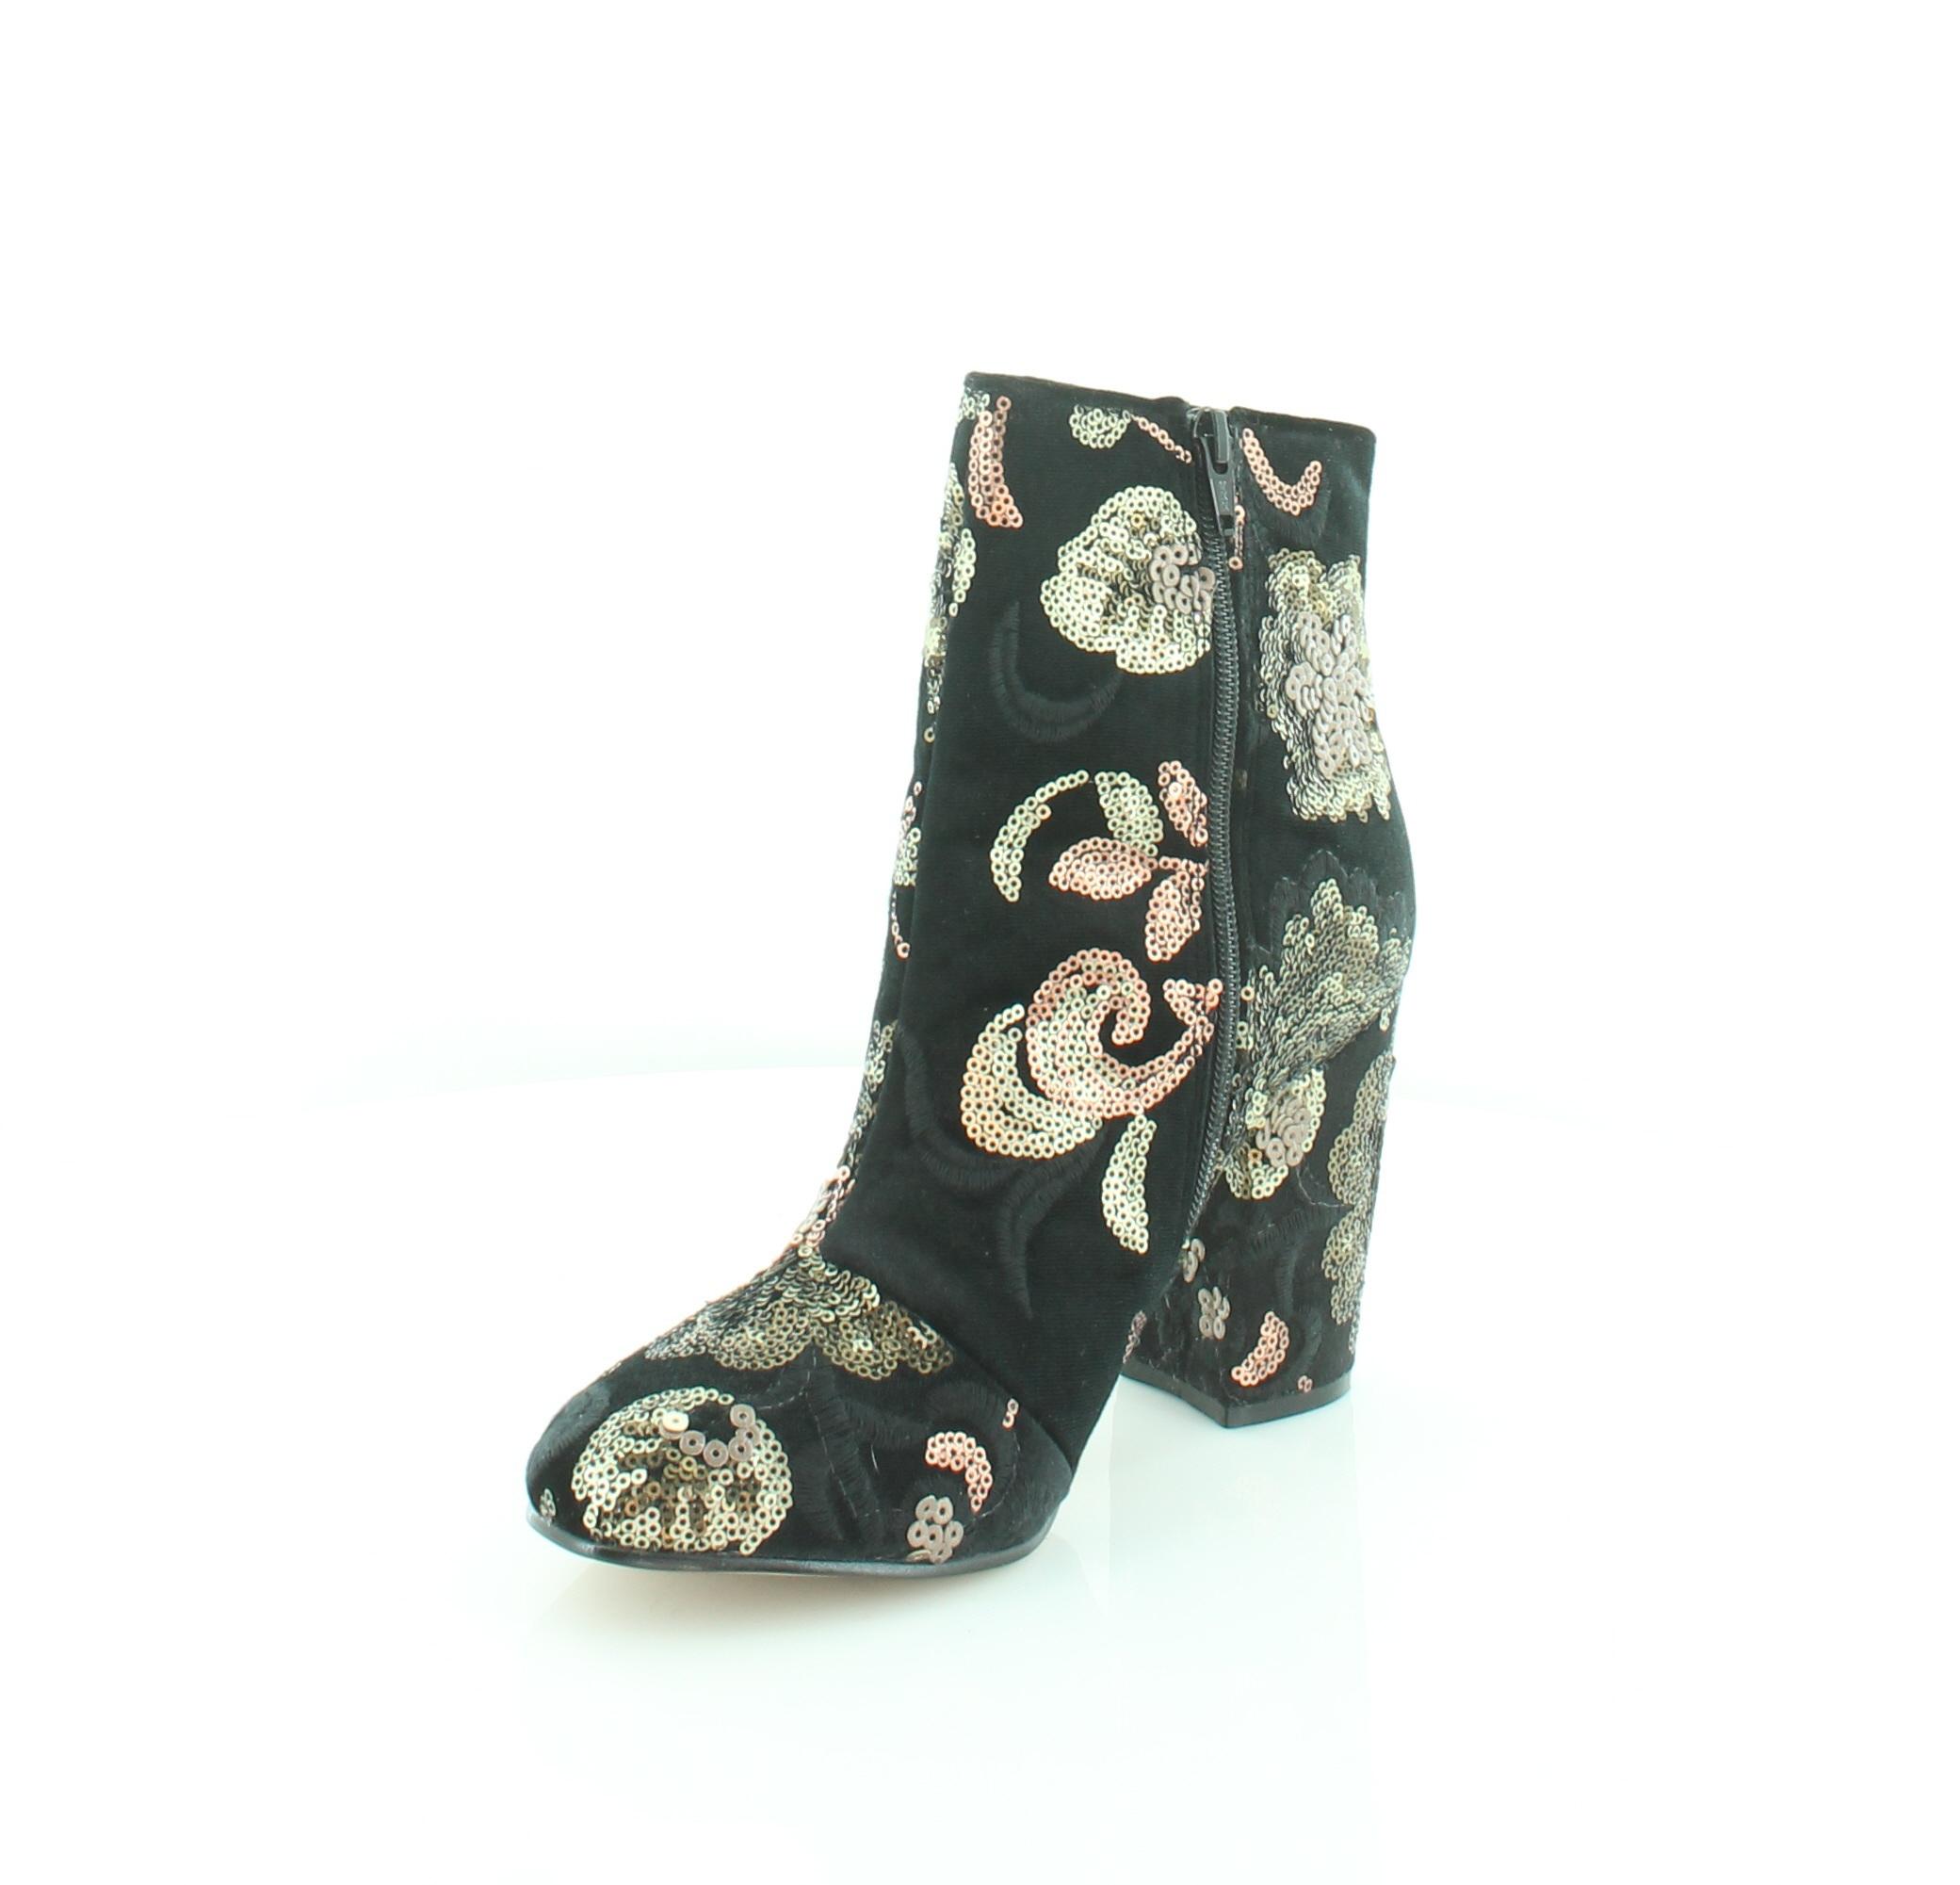 Aldo-Fiery-Black-Womens-Shoes-Size-7-5-M-Boots-MSRP-120 縮圖 2